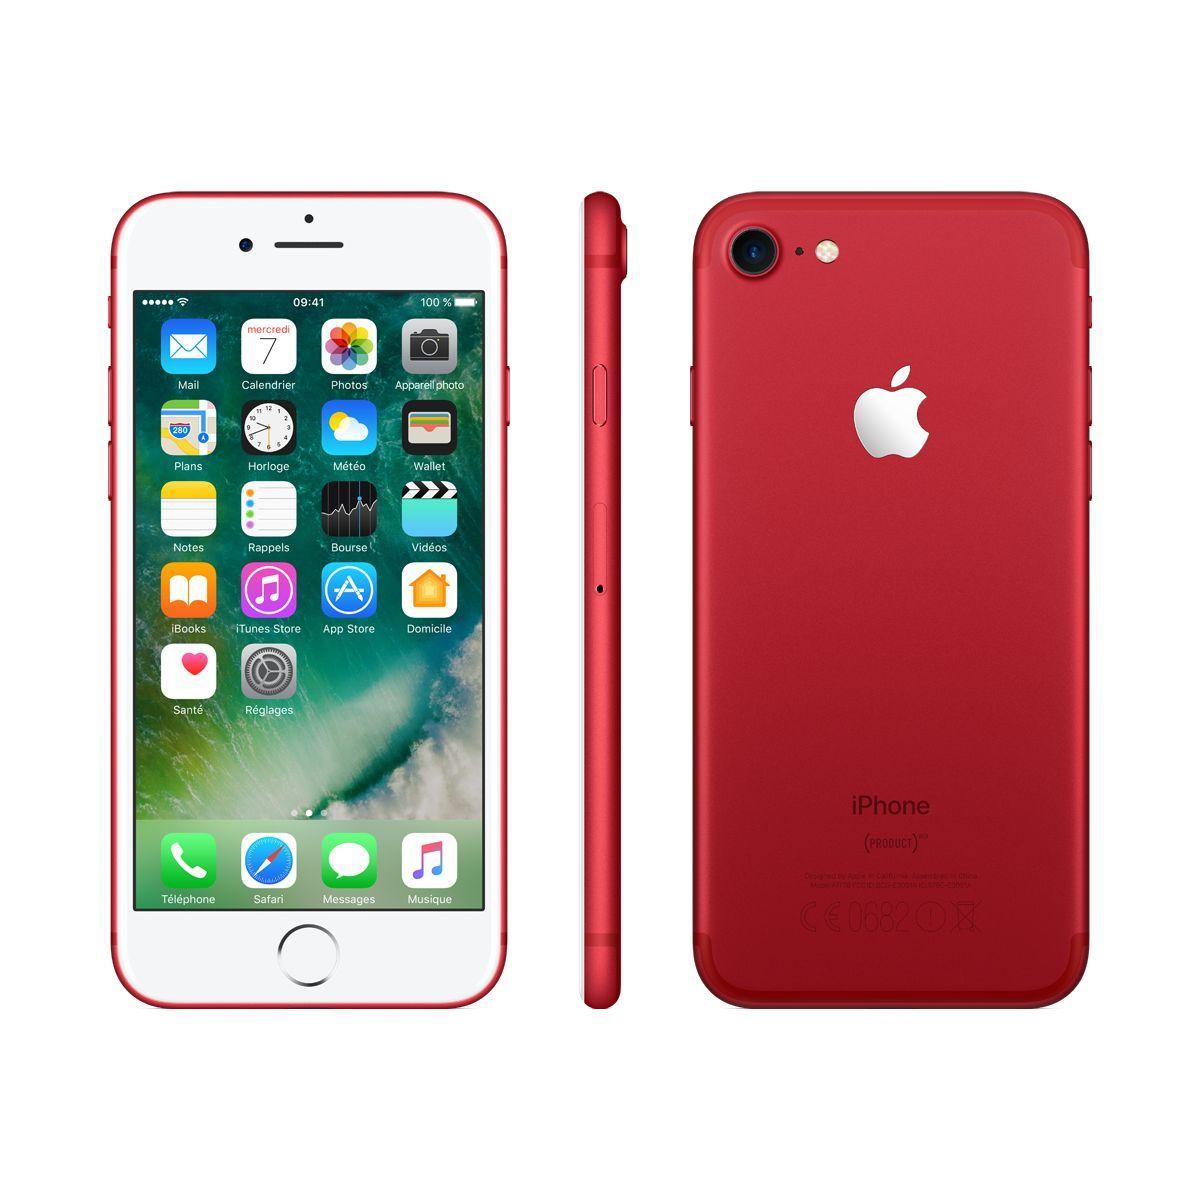 🔥 Bon plan : L'iPhone 7 avec 128 Go est à 658 euros sur PriceMinister avec 46 euros remboursés